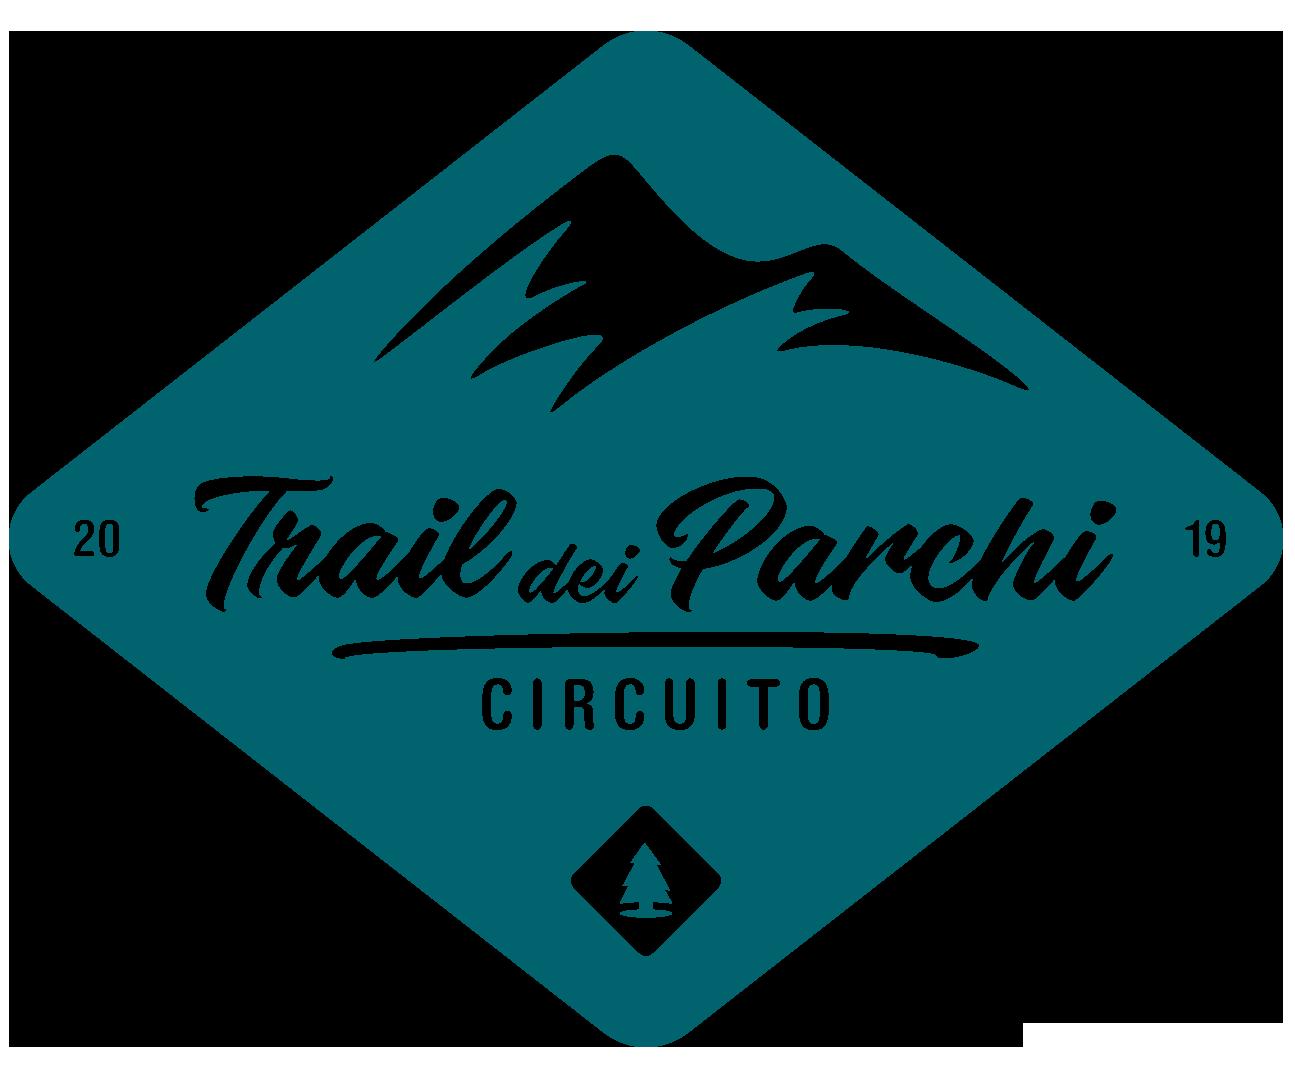 Logo Circuito Trail dei Parchi dell'Emilia